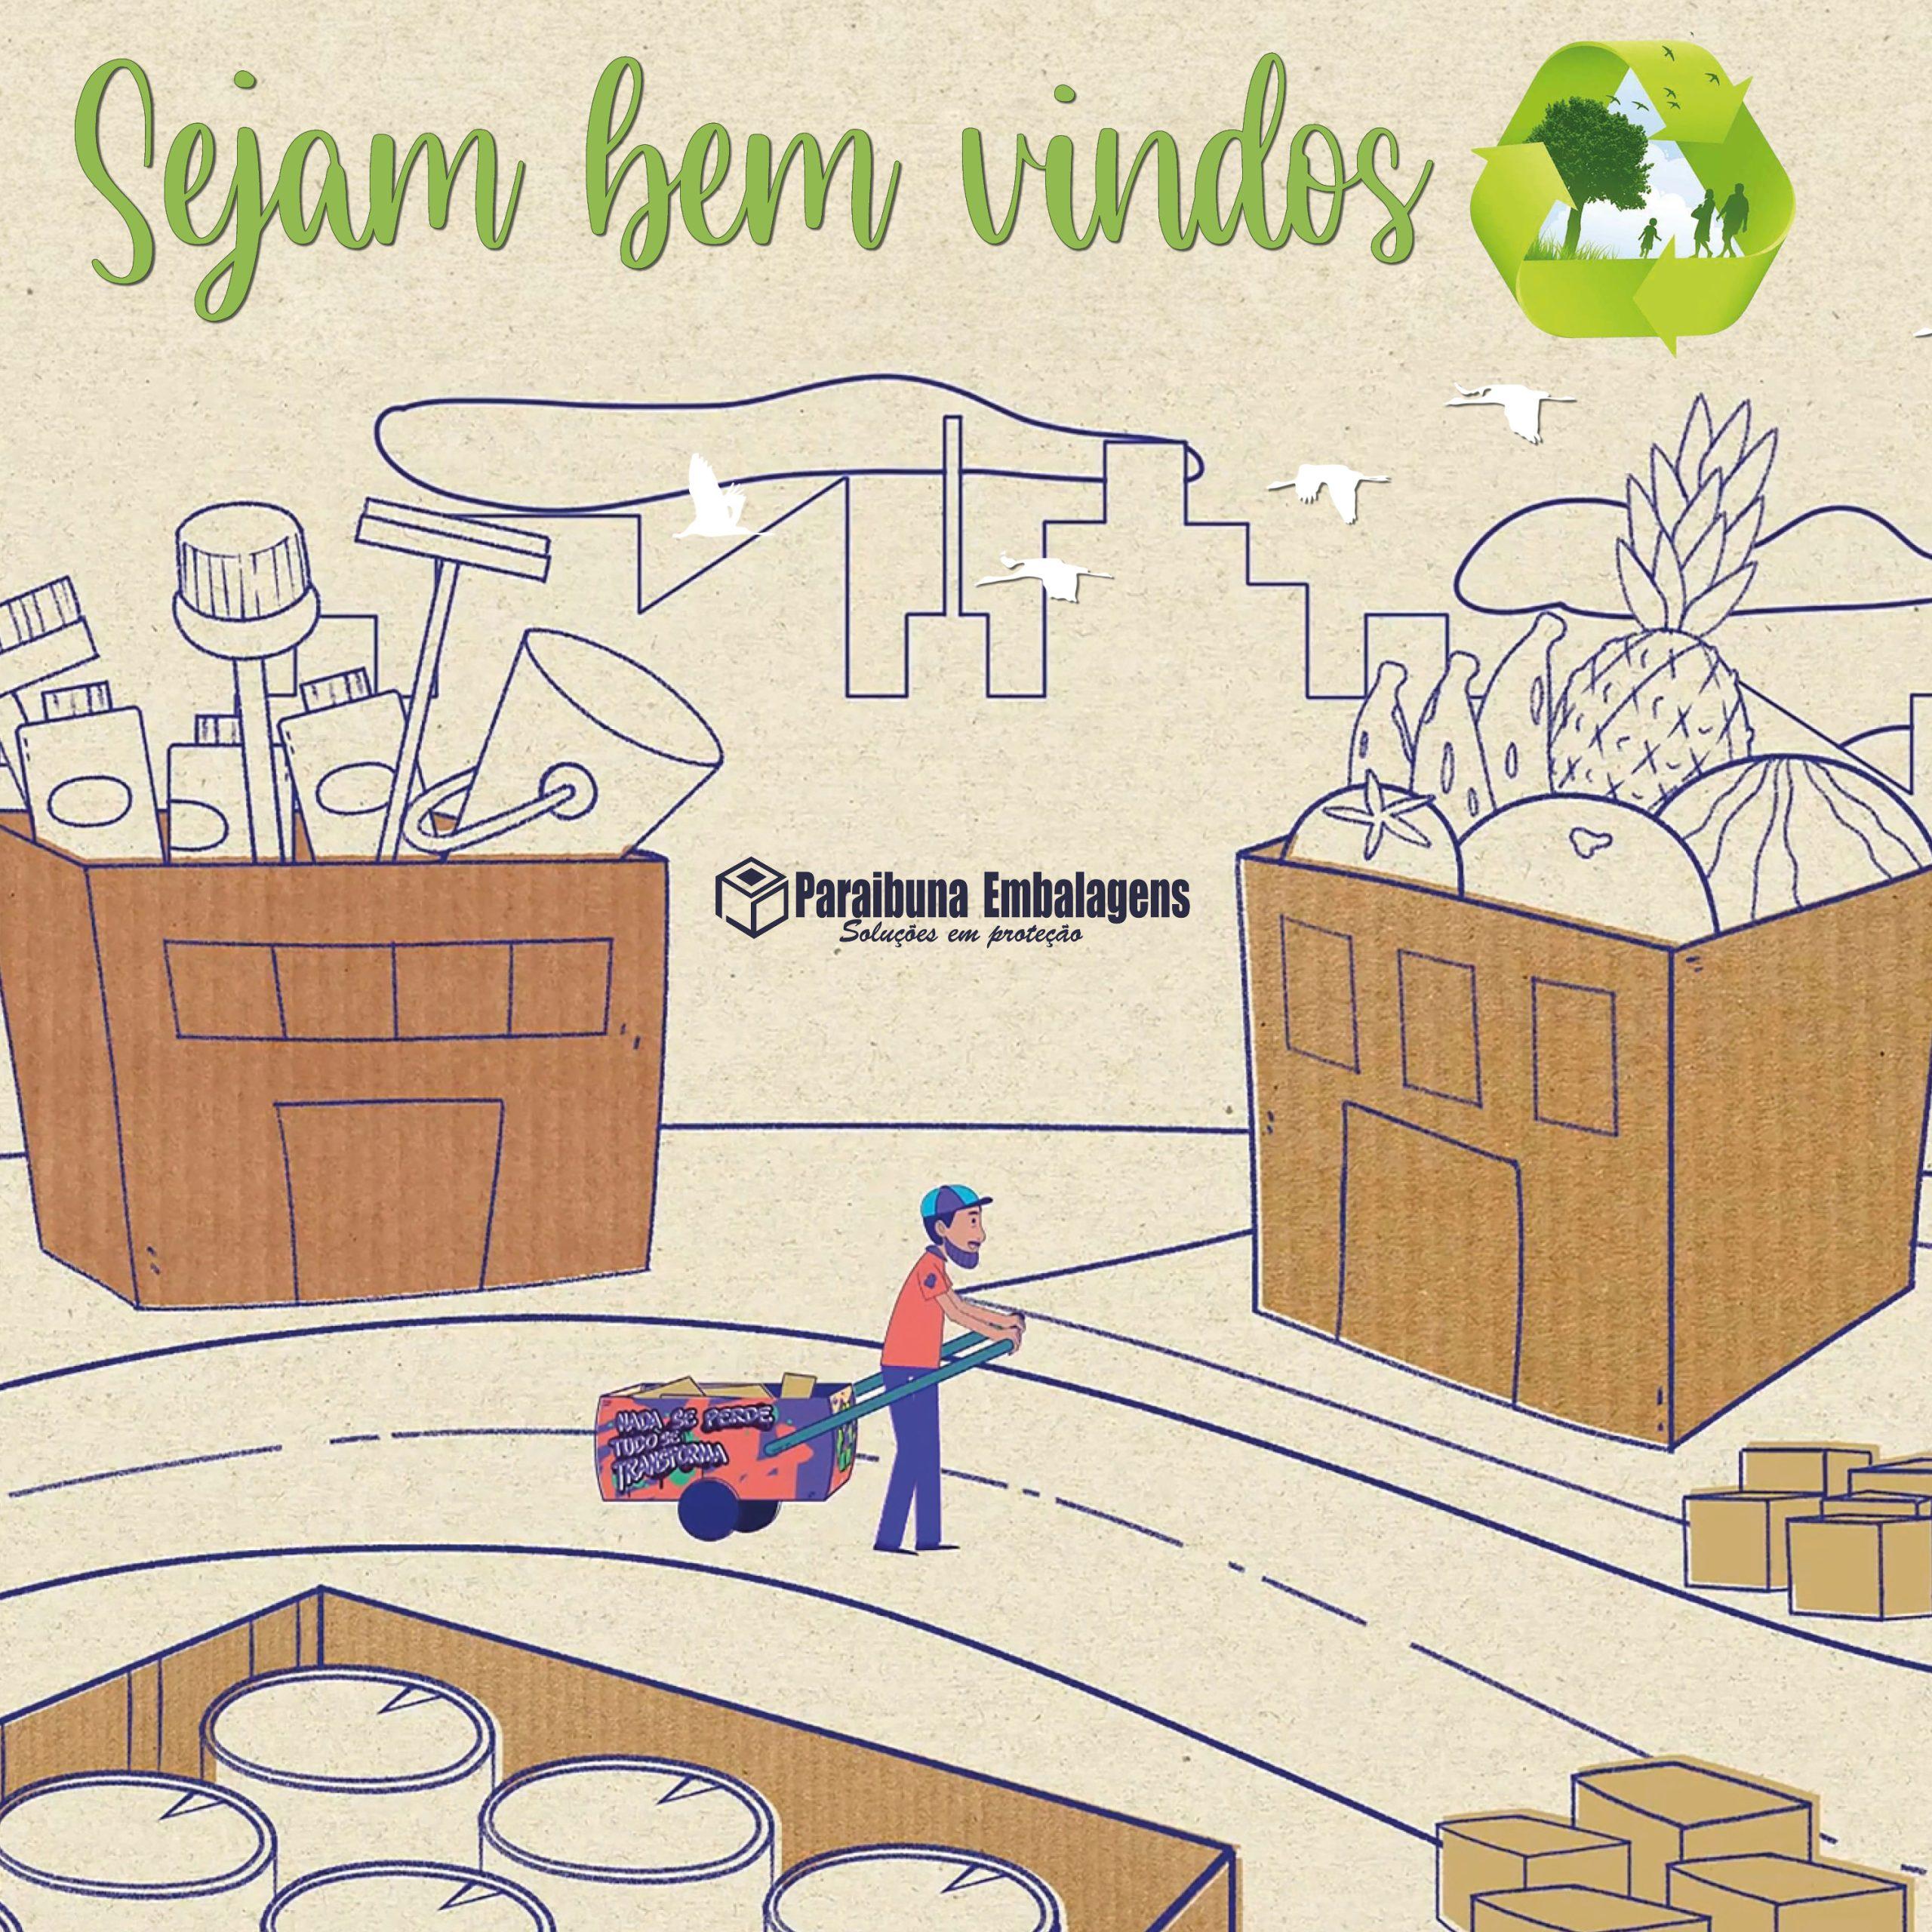 Paraibuna Embalagens reforça seu compromisso com os catadores de matérias recicláveis.